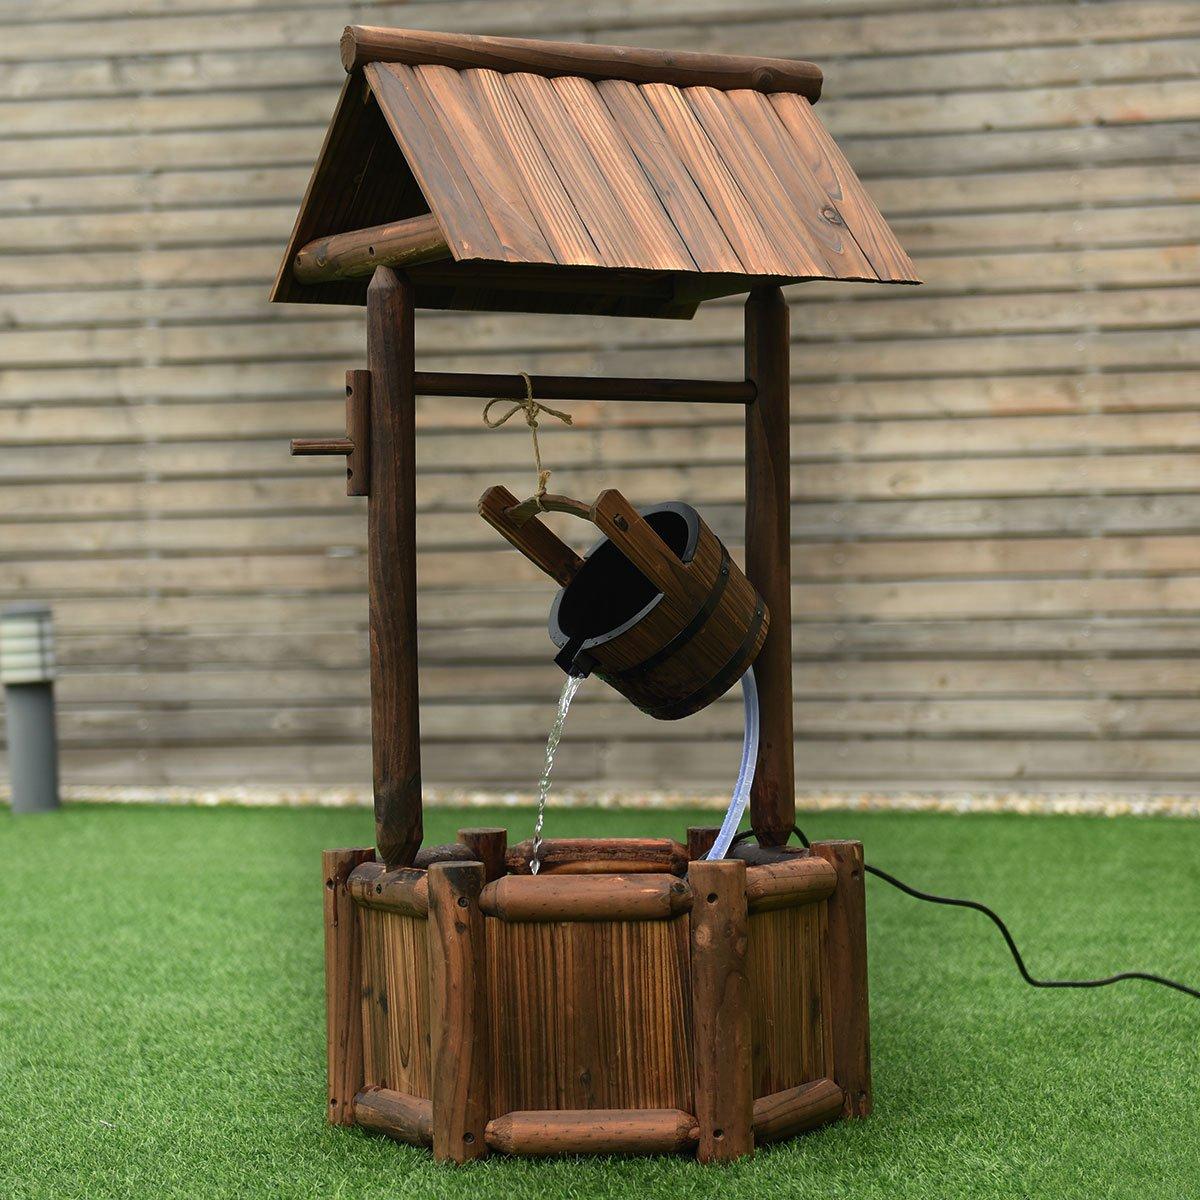 Giantex Wishing Well Water Fountain Rustic Wooden Outdoor Garden Decorative Fountain Backyard w/Electric Pump